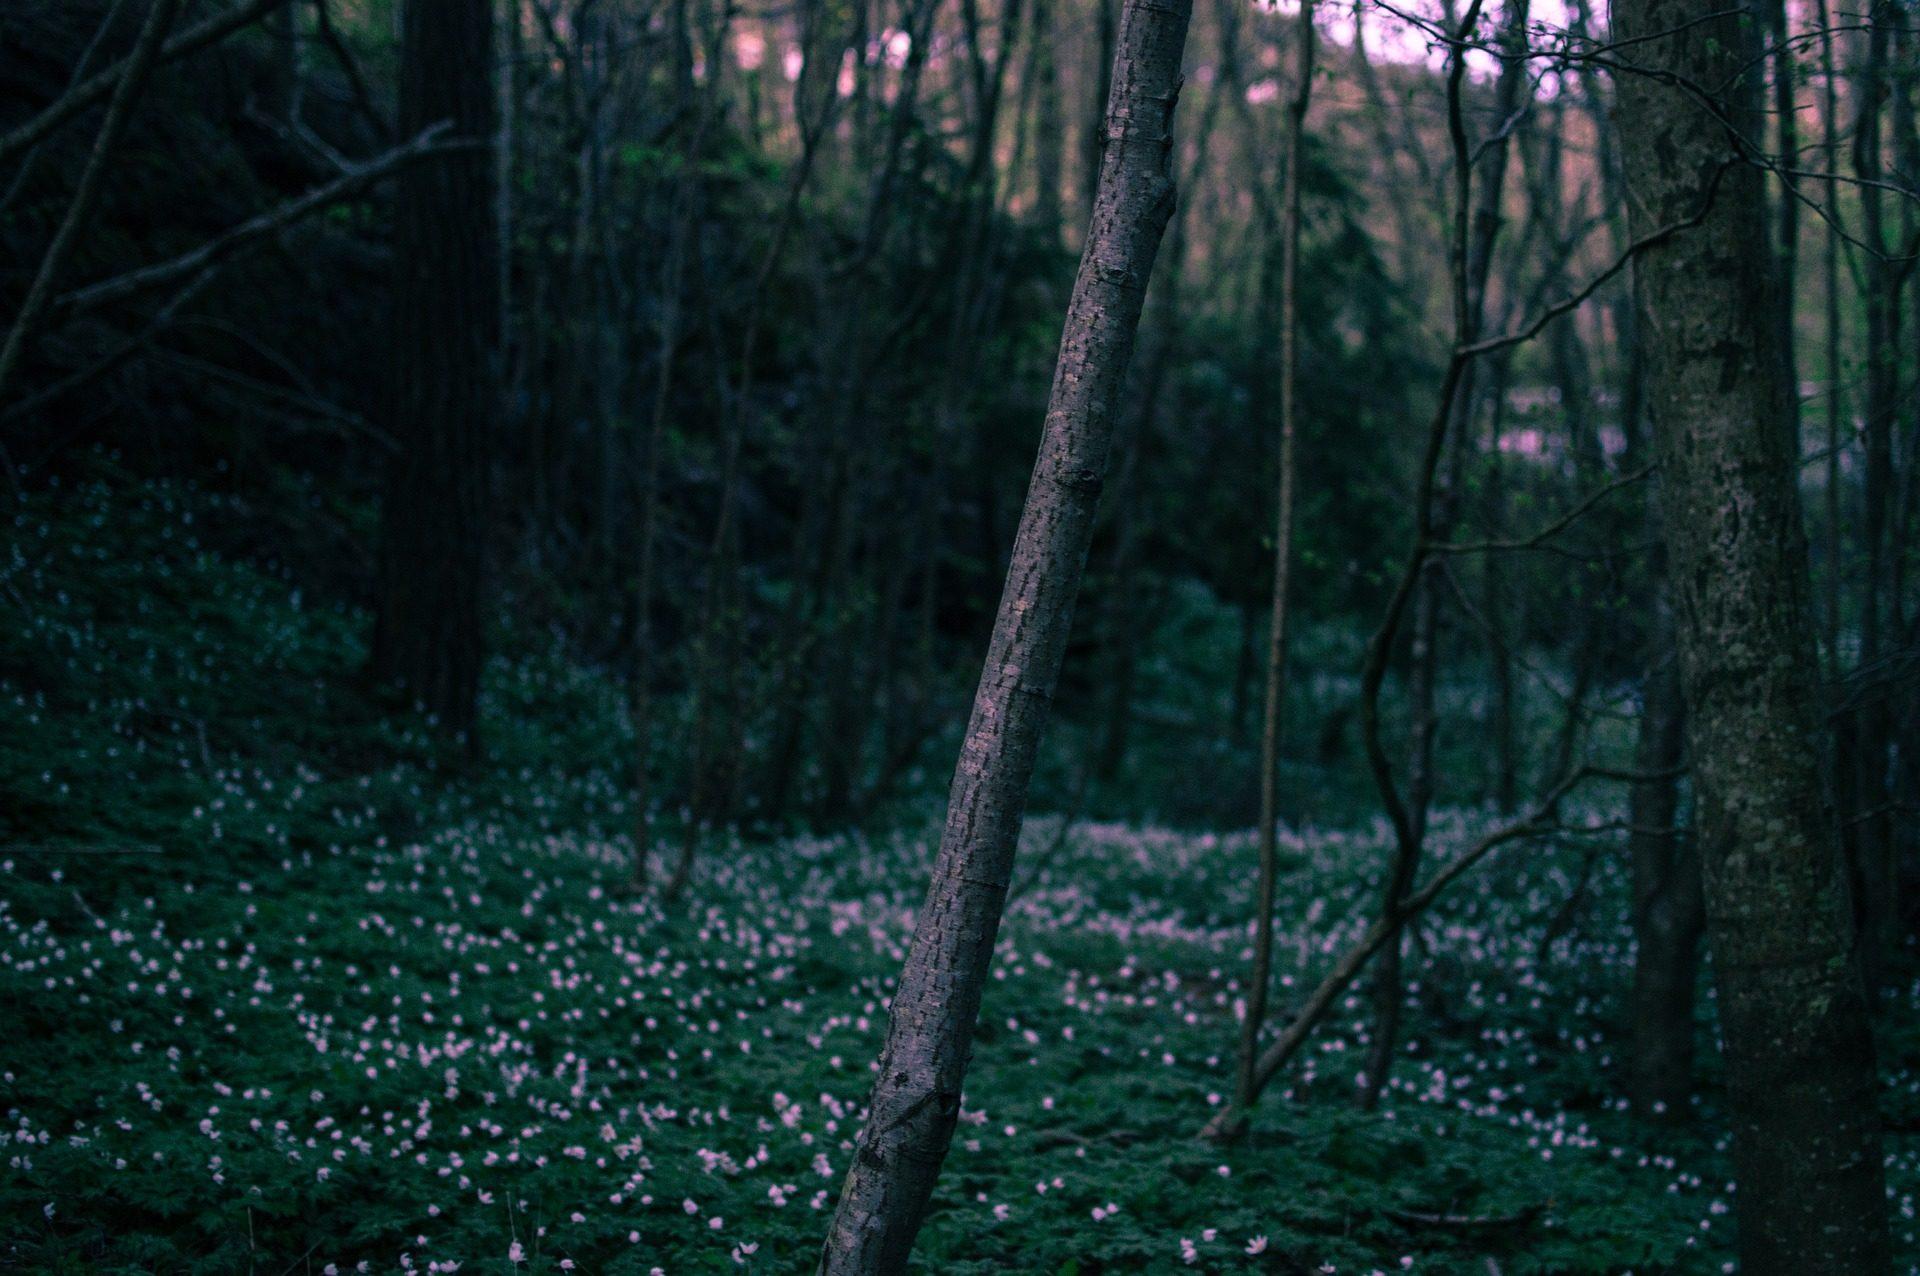 वन, पेड़, फूल, पत्ते, अल्बा, डॉन द्वारा, घास - HD वॉलपेपर - प्रोफेसर-falken.com